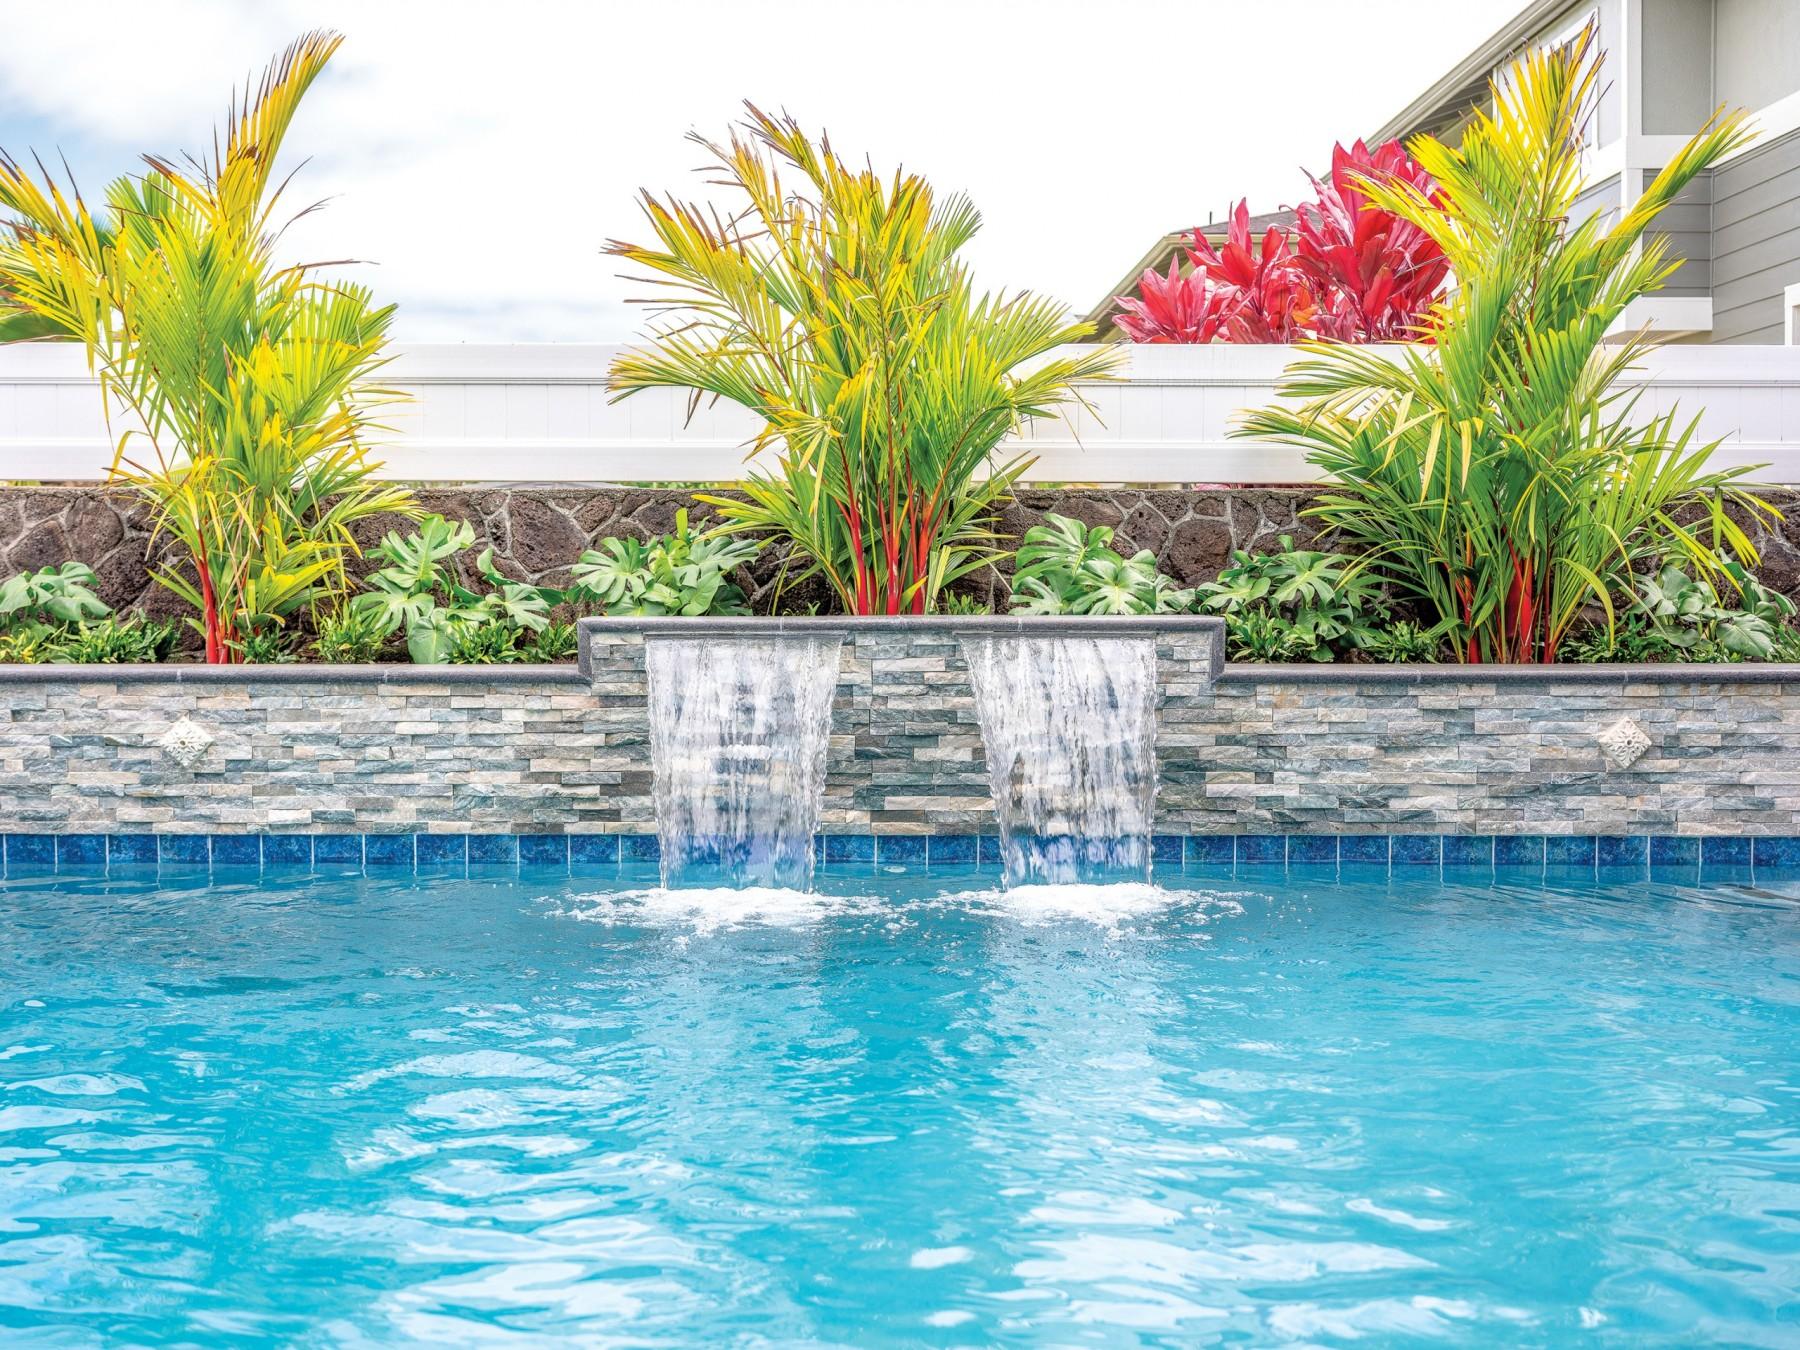 09 21 Hhr Feature Pacific Pools Spas4